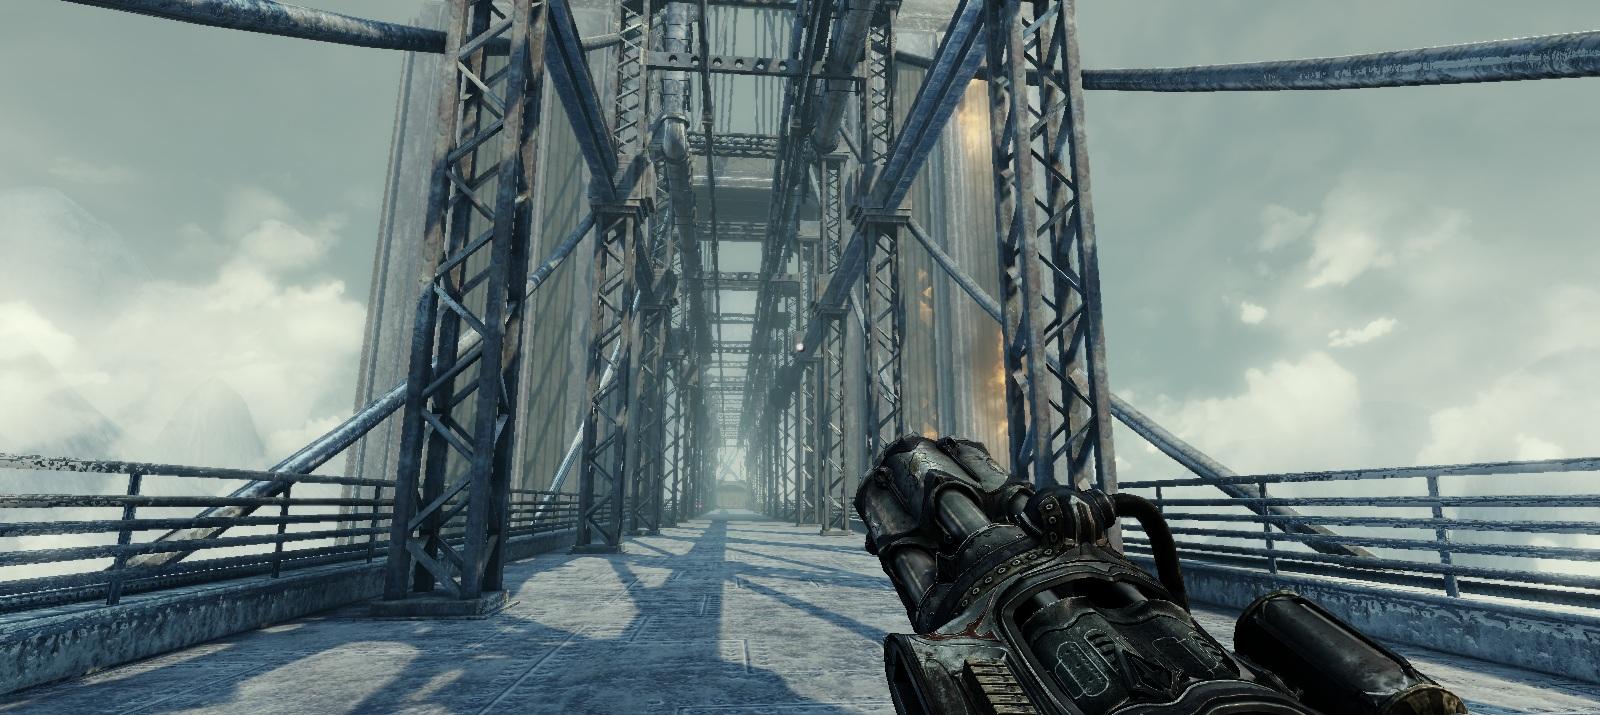 Sněžný most